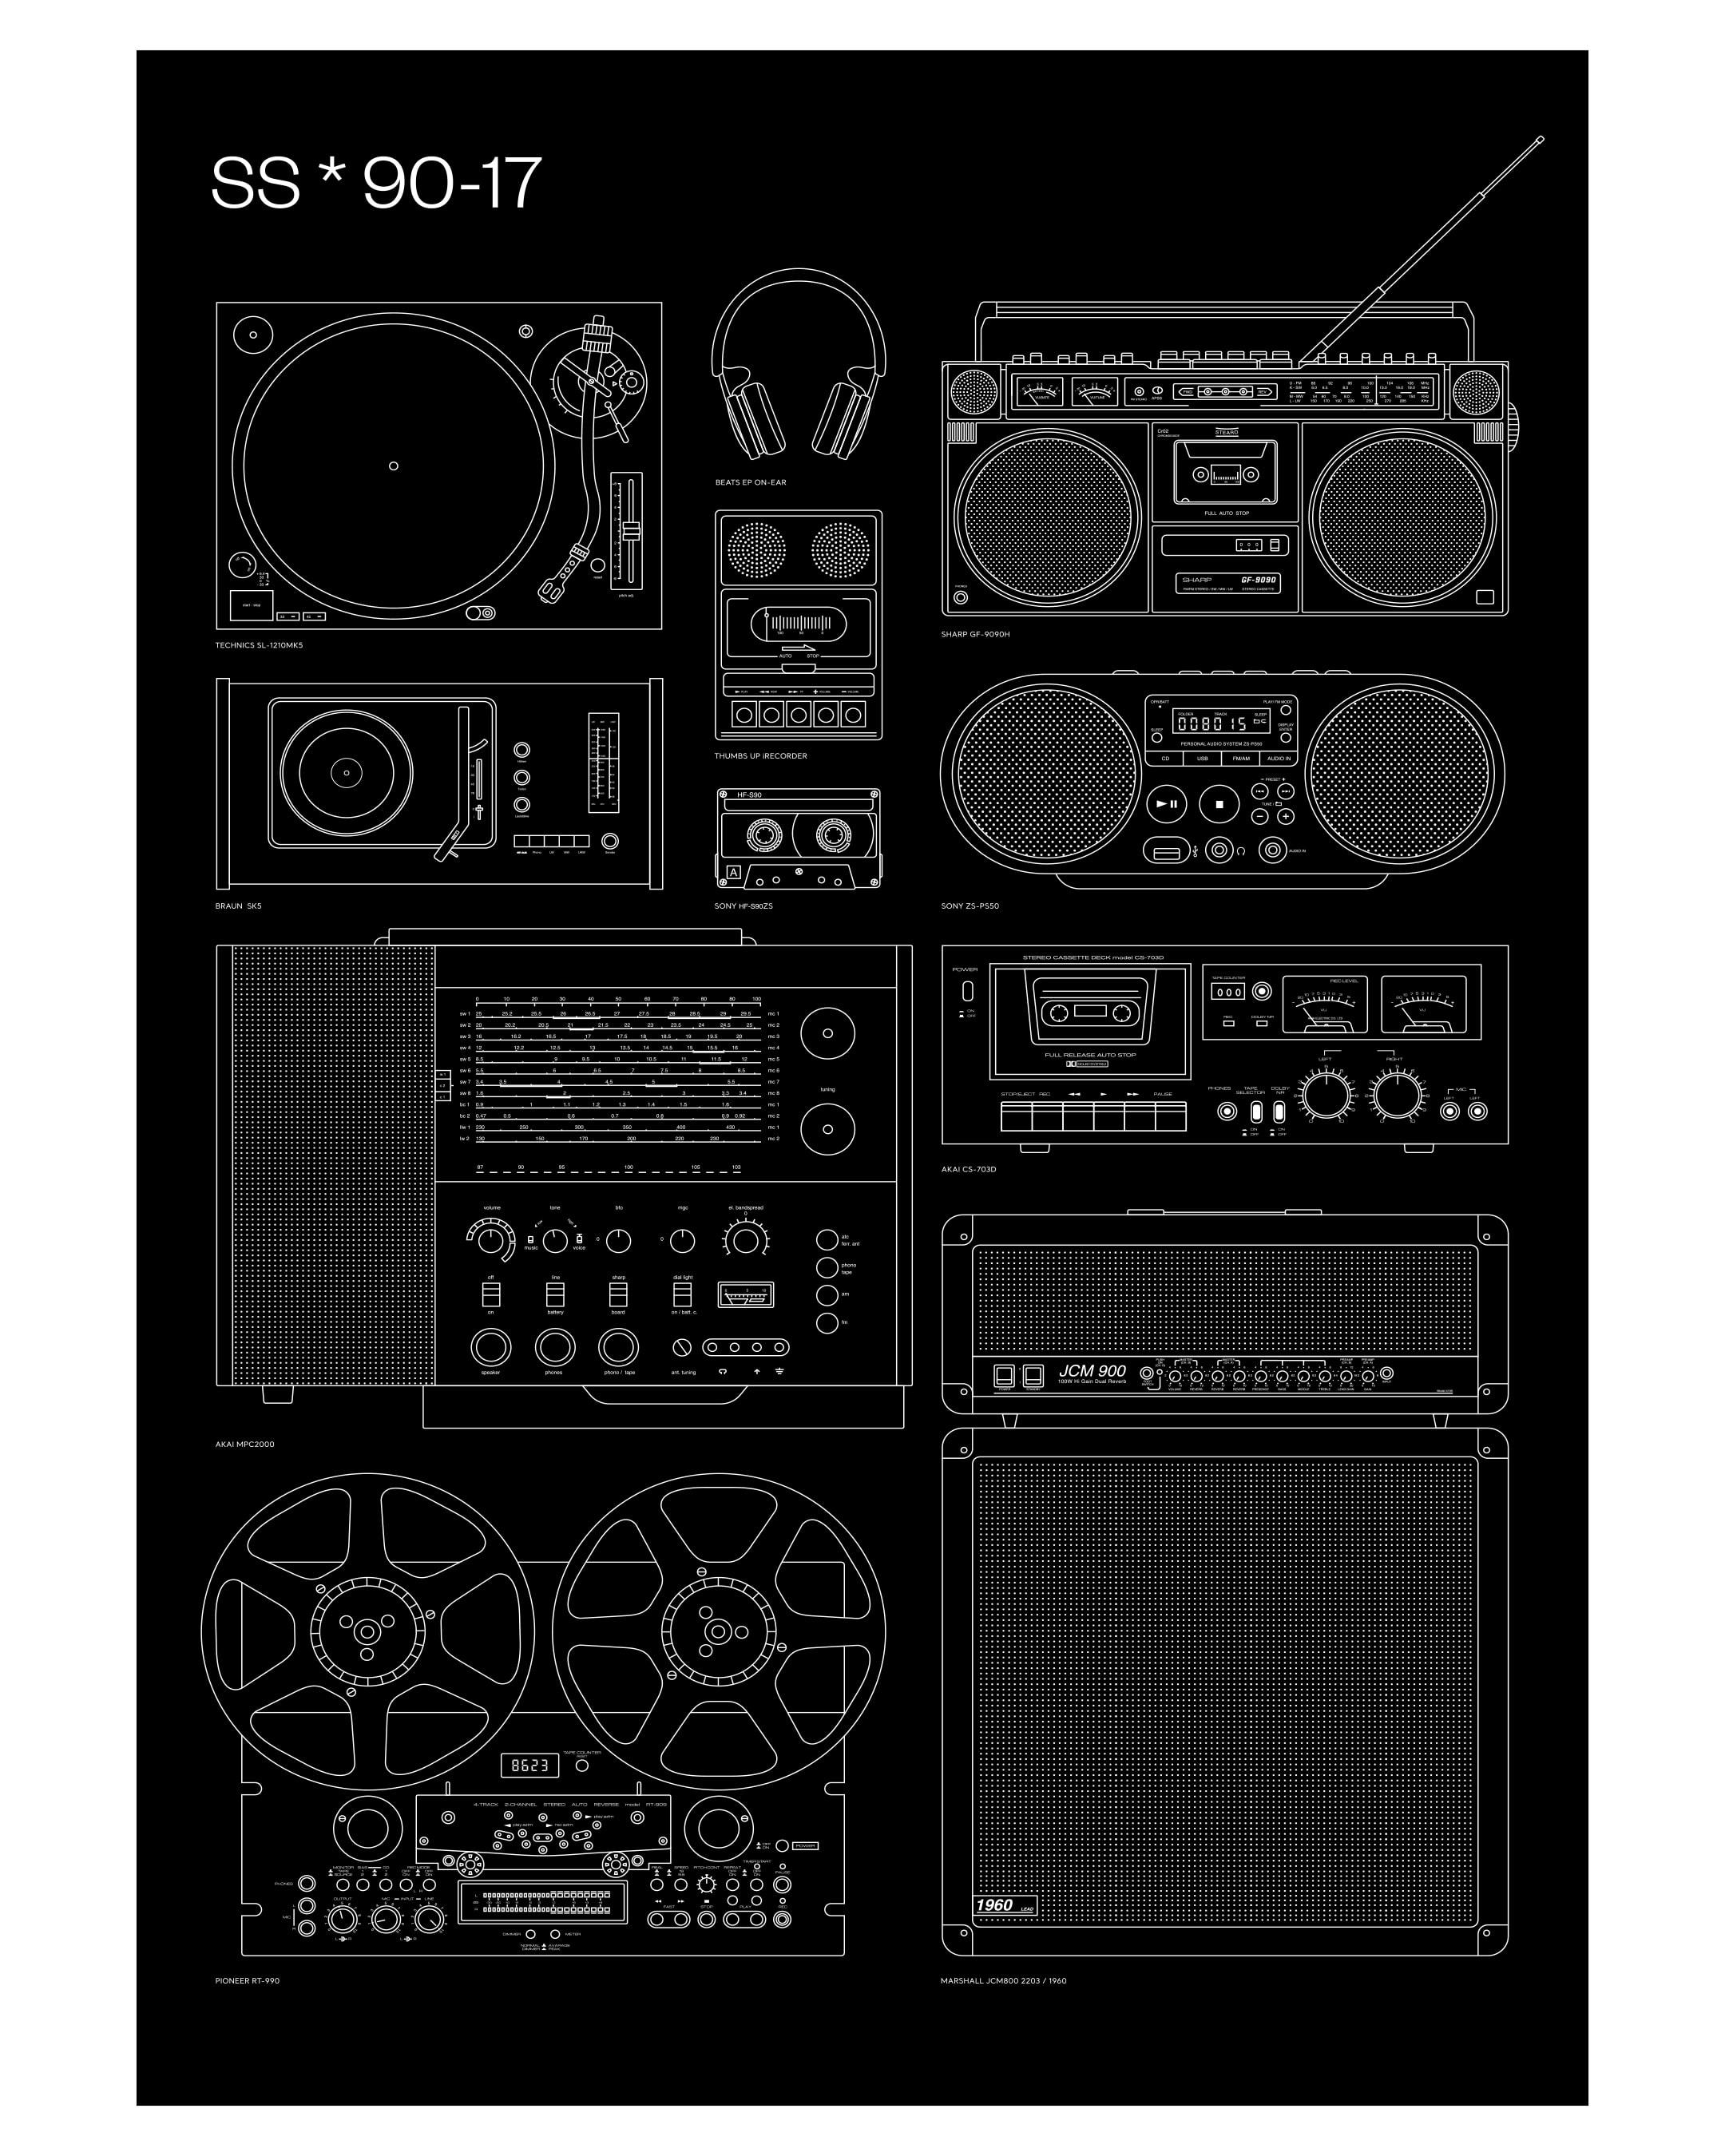 SS-90-17-Gokten-Tut-01